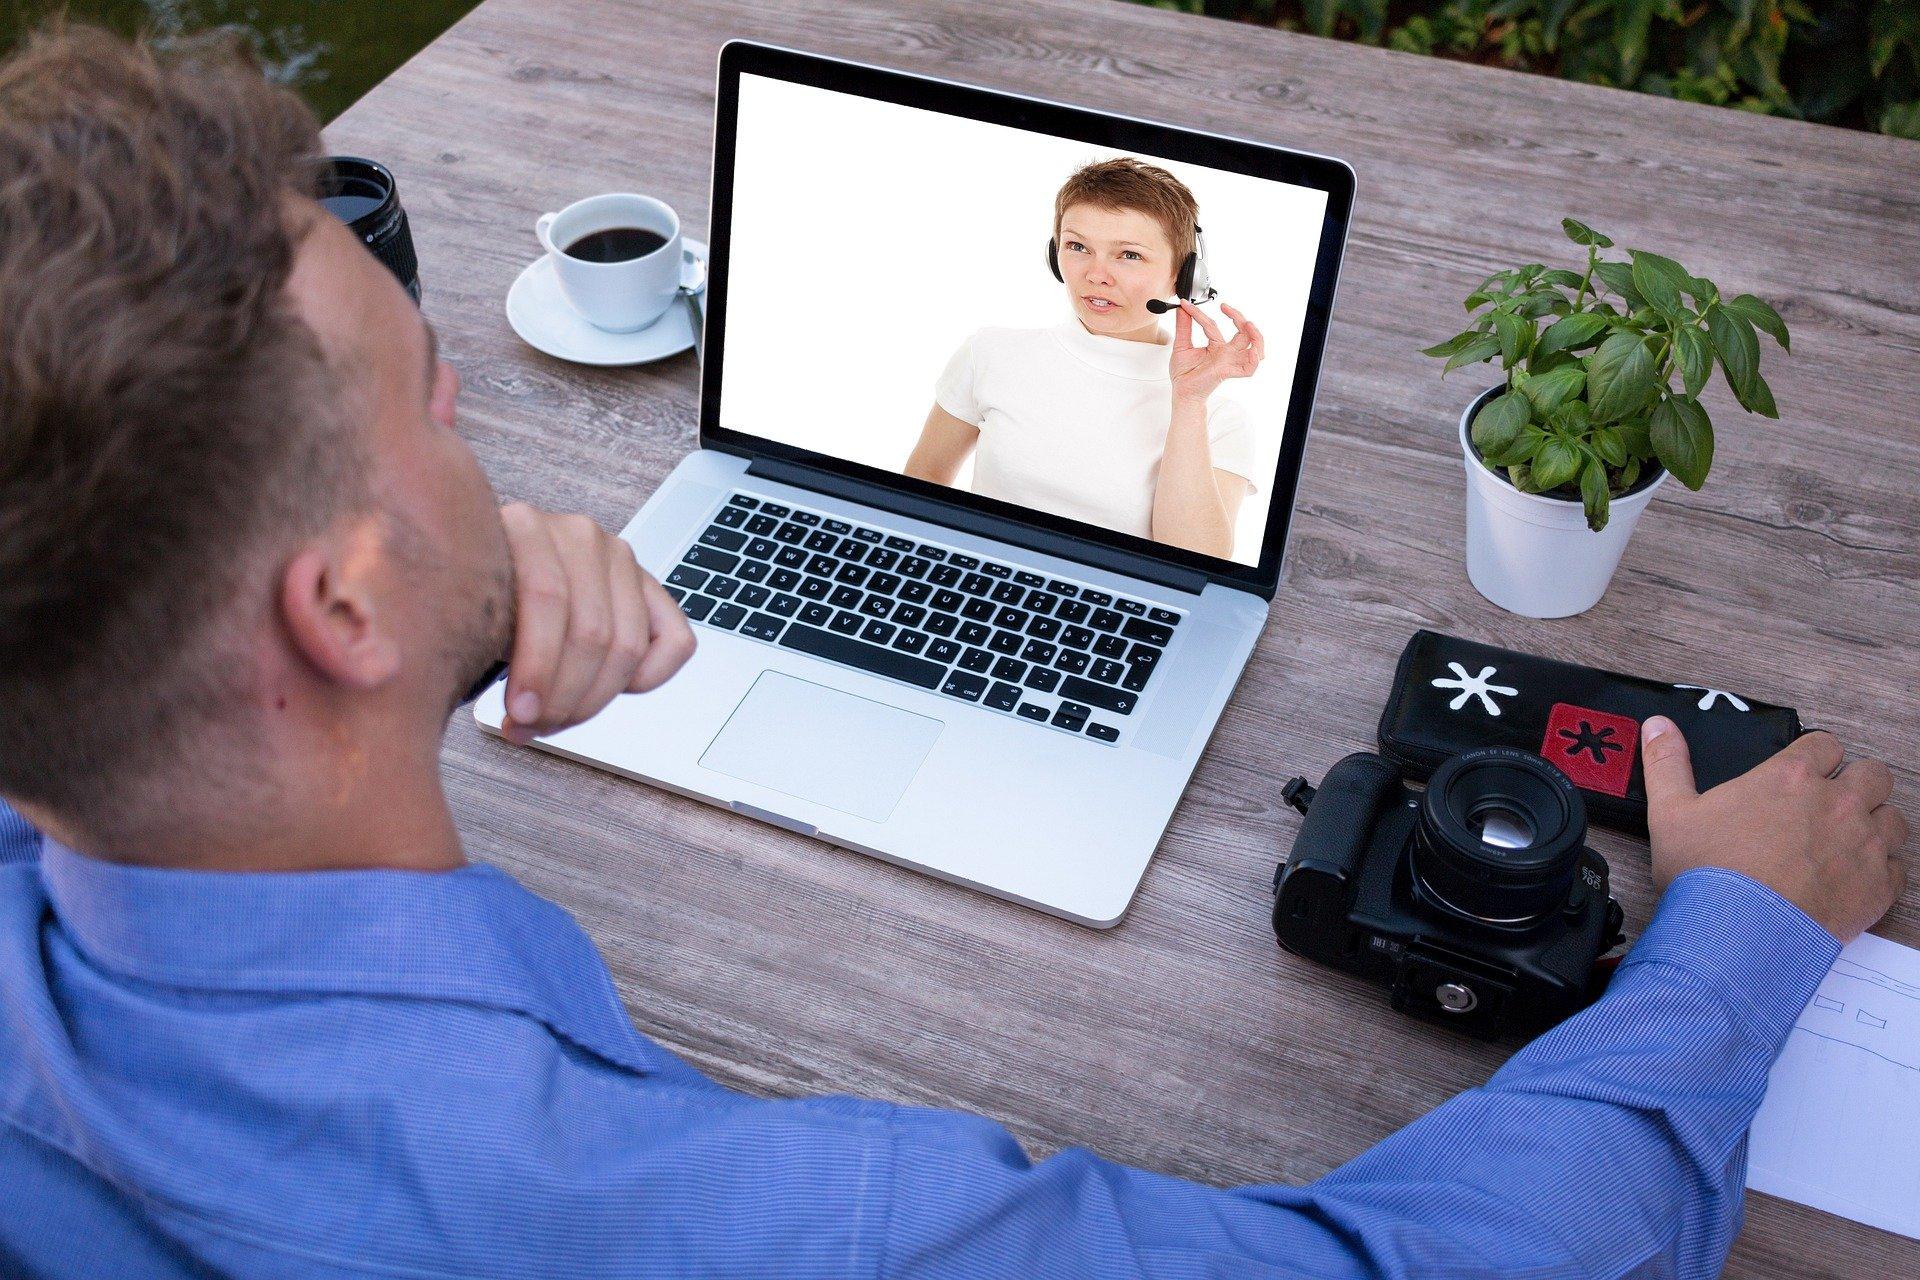 e learning translation service uk